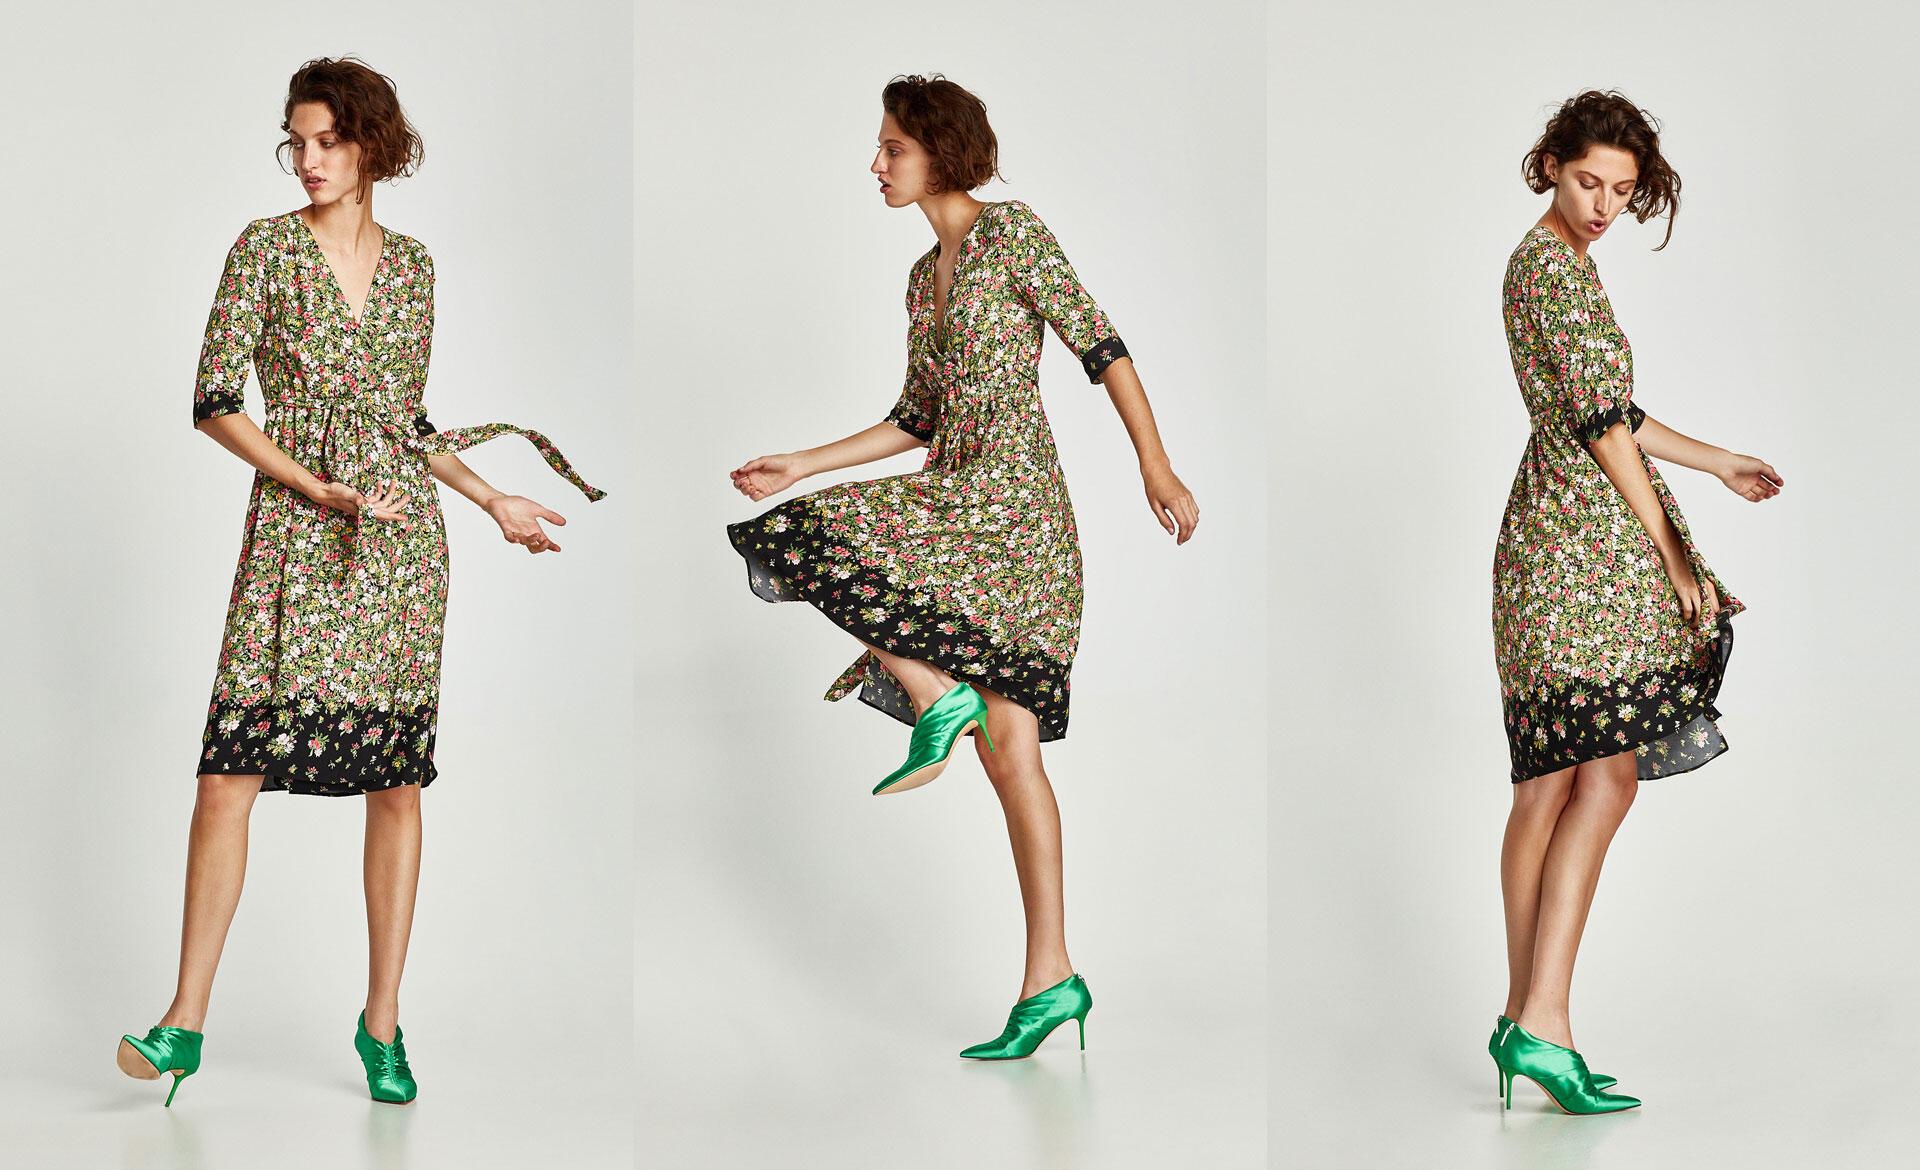 Las compras de la semana: Zara, Mango, y H&M